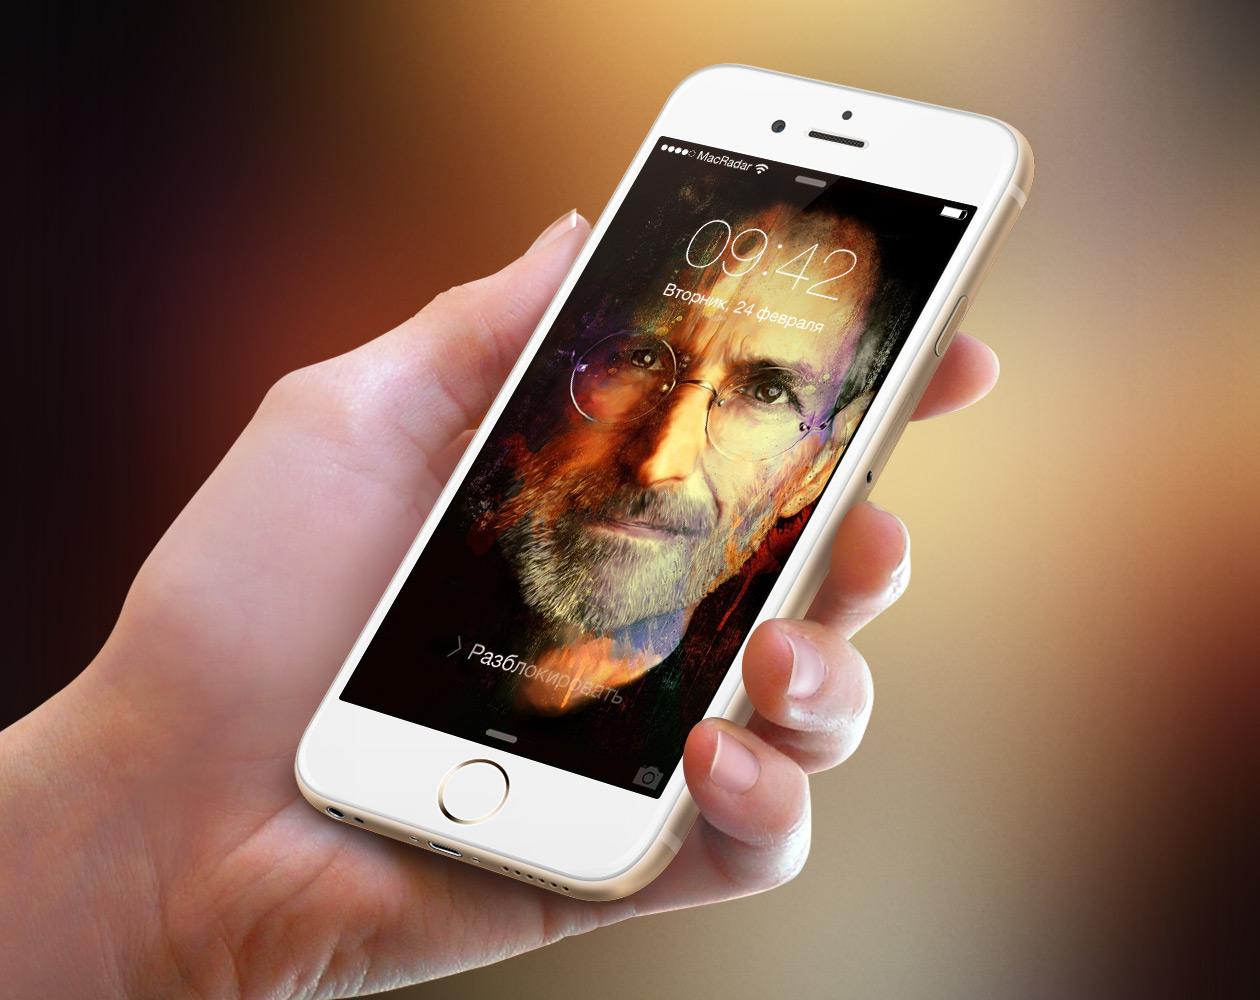 Обои для iPhone: С днем рождения, Стив!